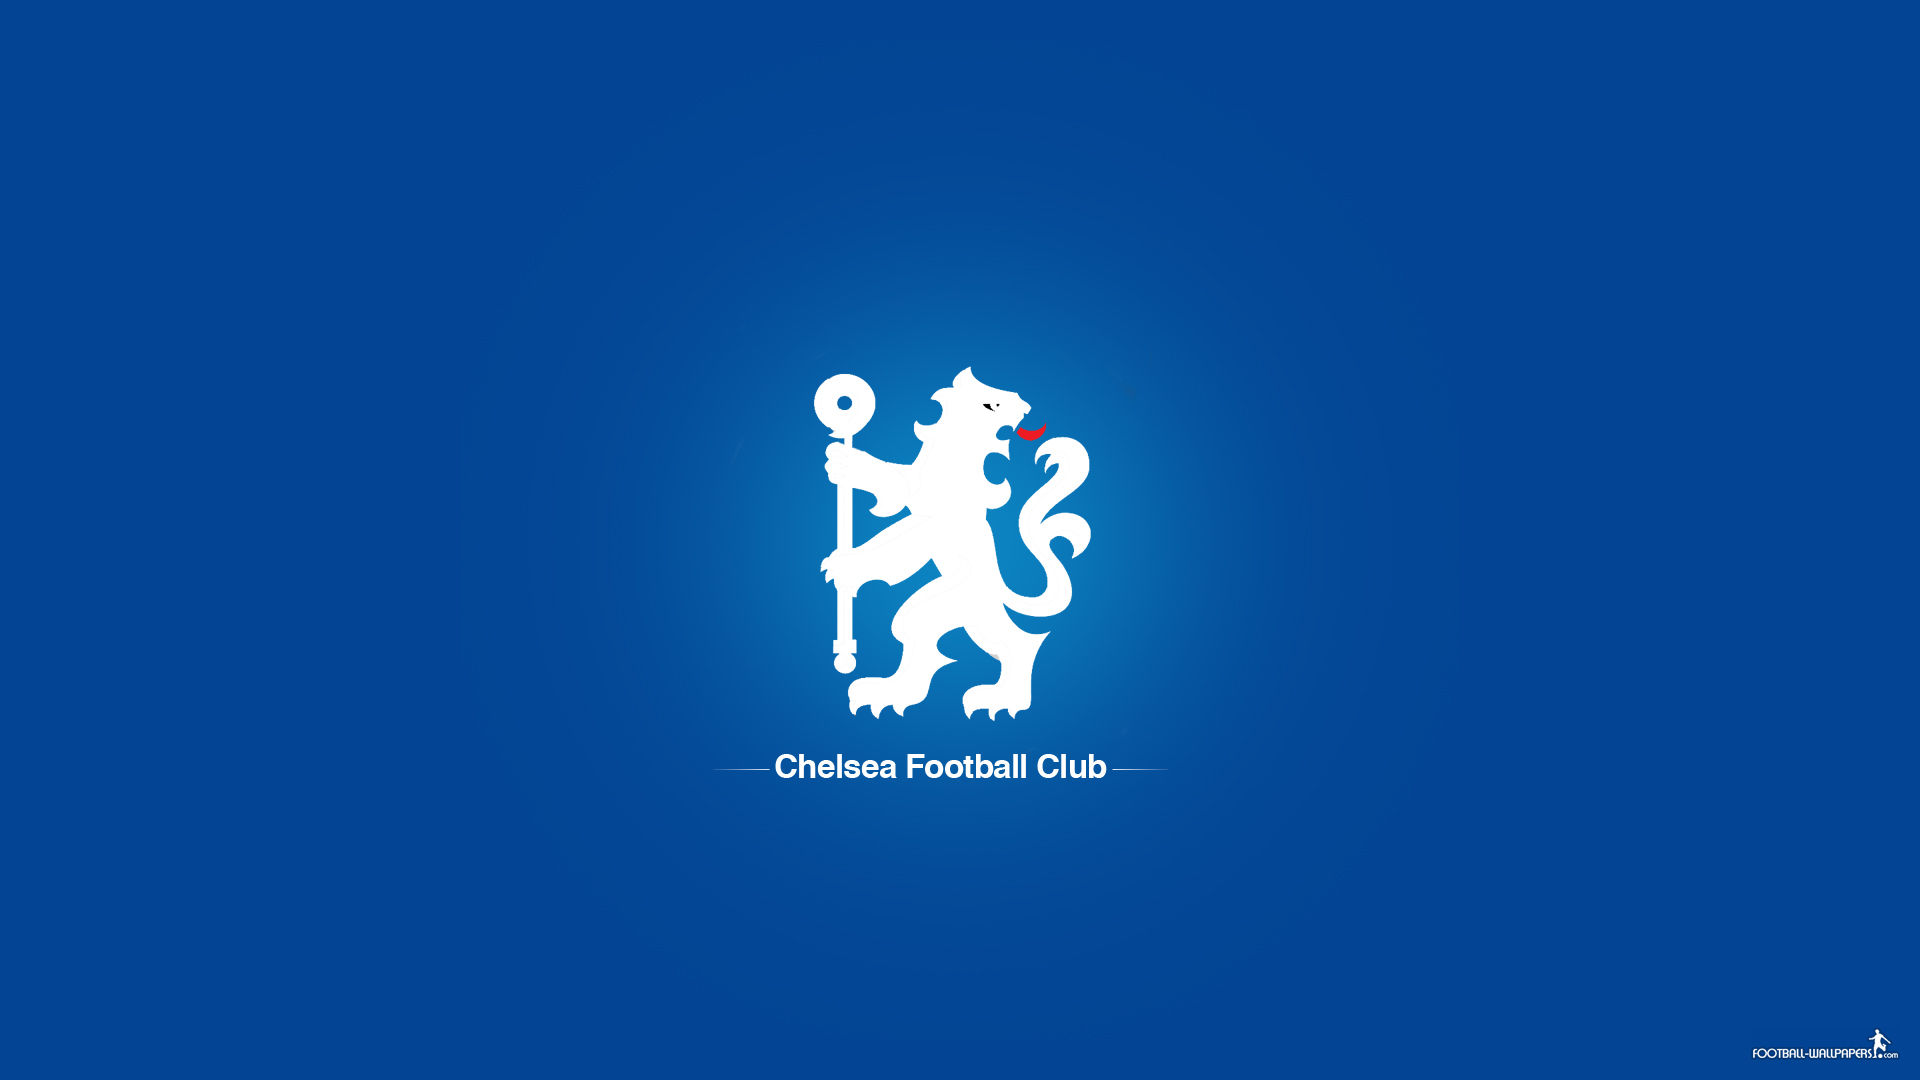 Chelsea FC Wallpaper 17   1920 X 1080 stmednet 1920x1080